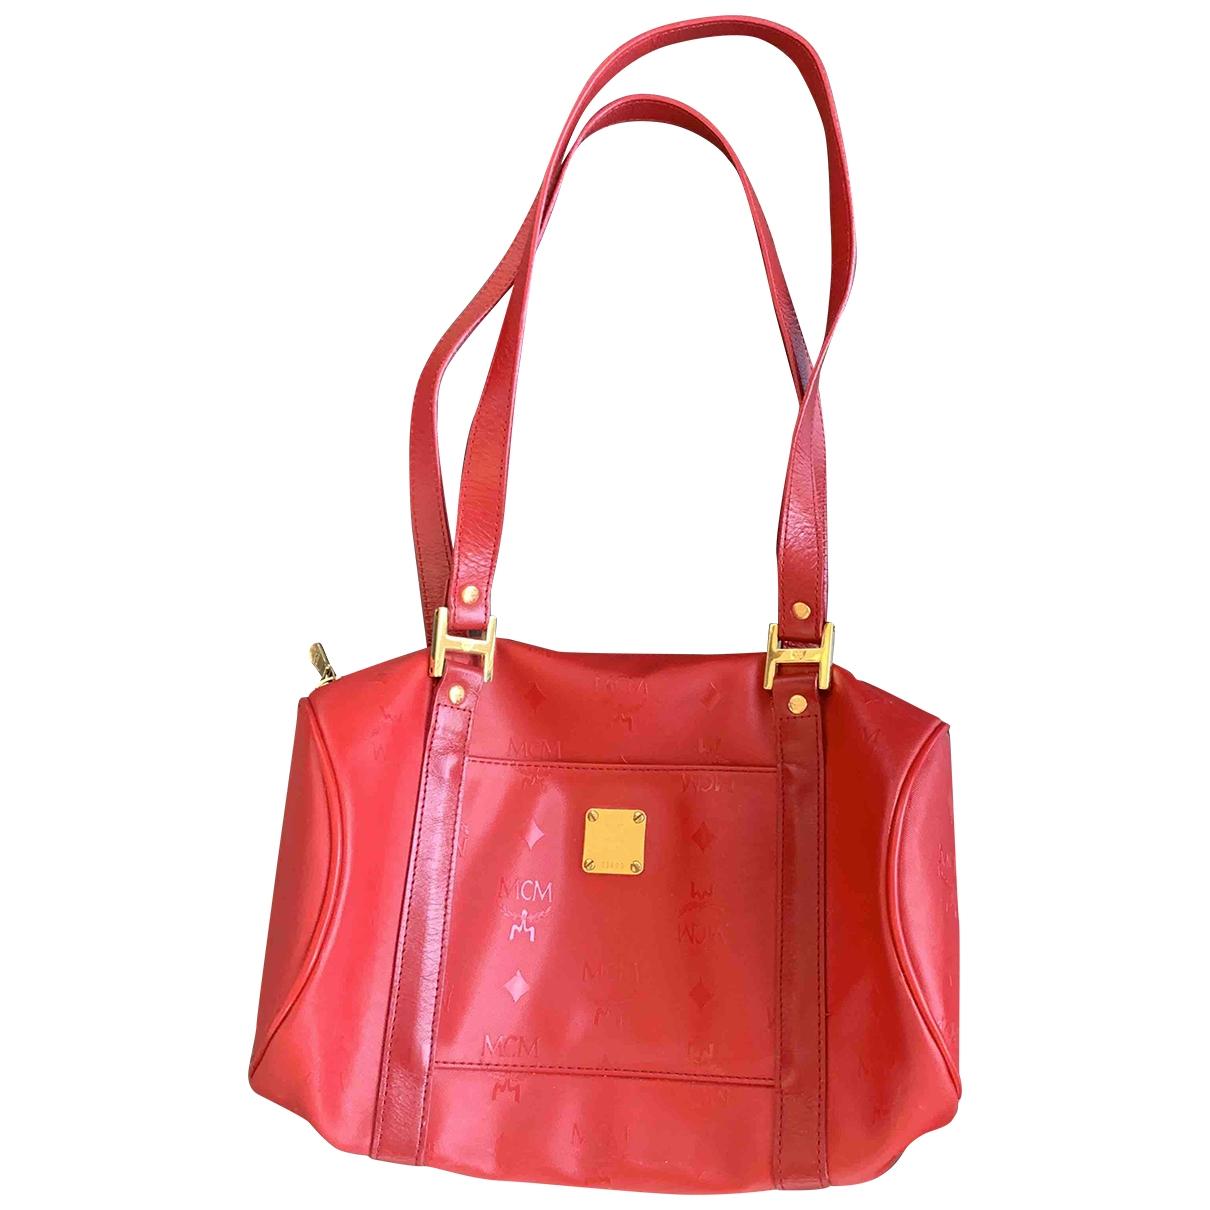 Mcm \N Handtasche in  Rot Leder